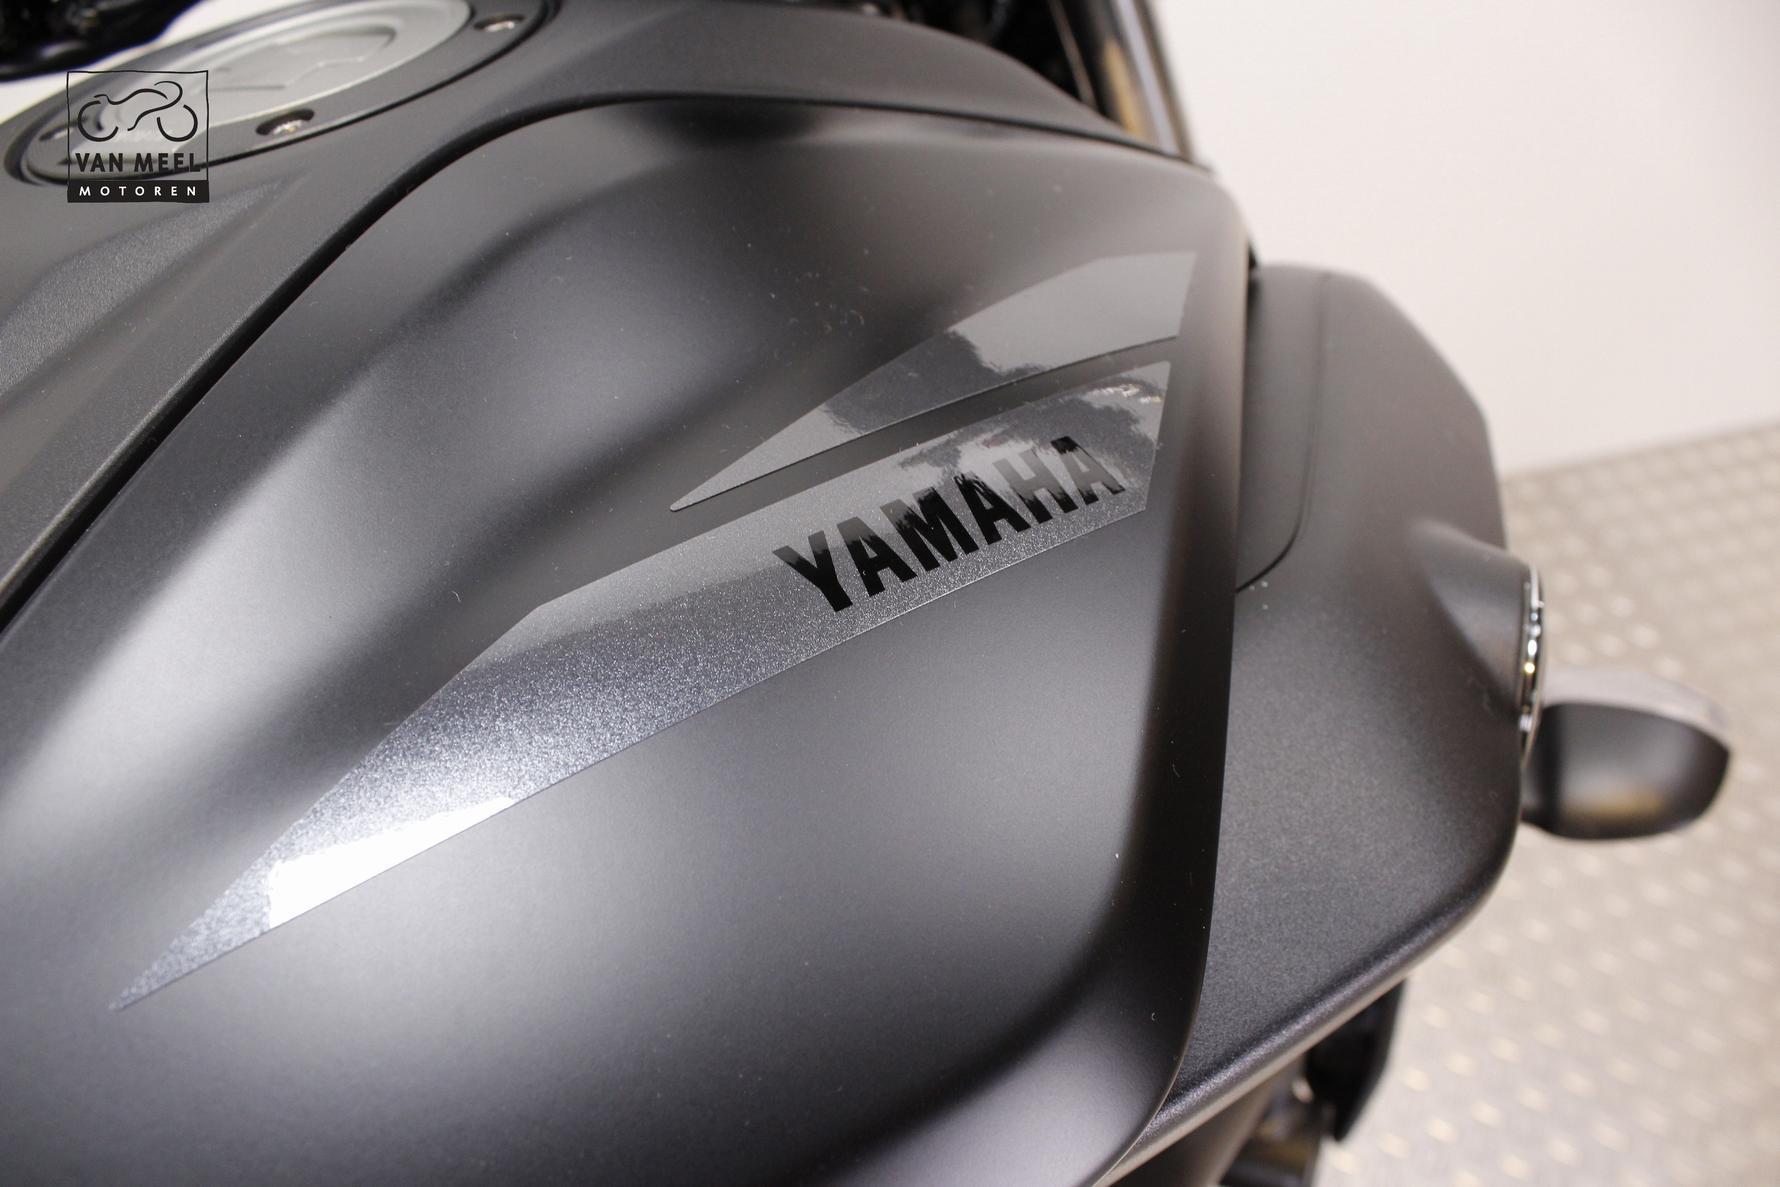 YAMAHA - MT 07 ABS 35KW